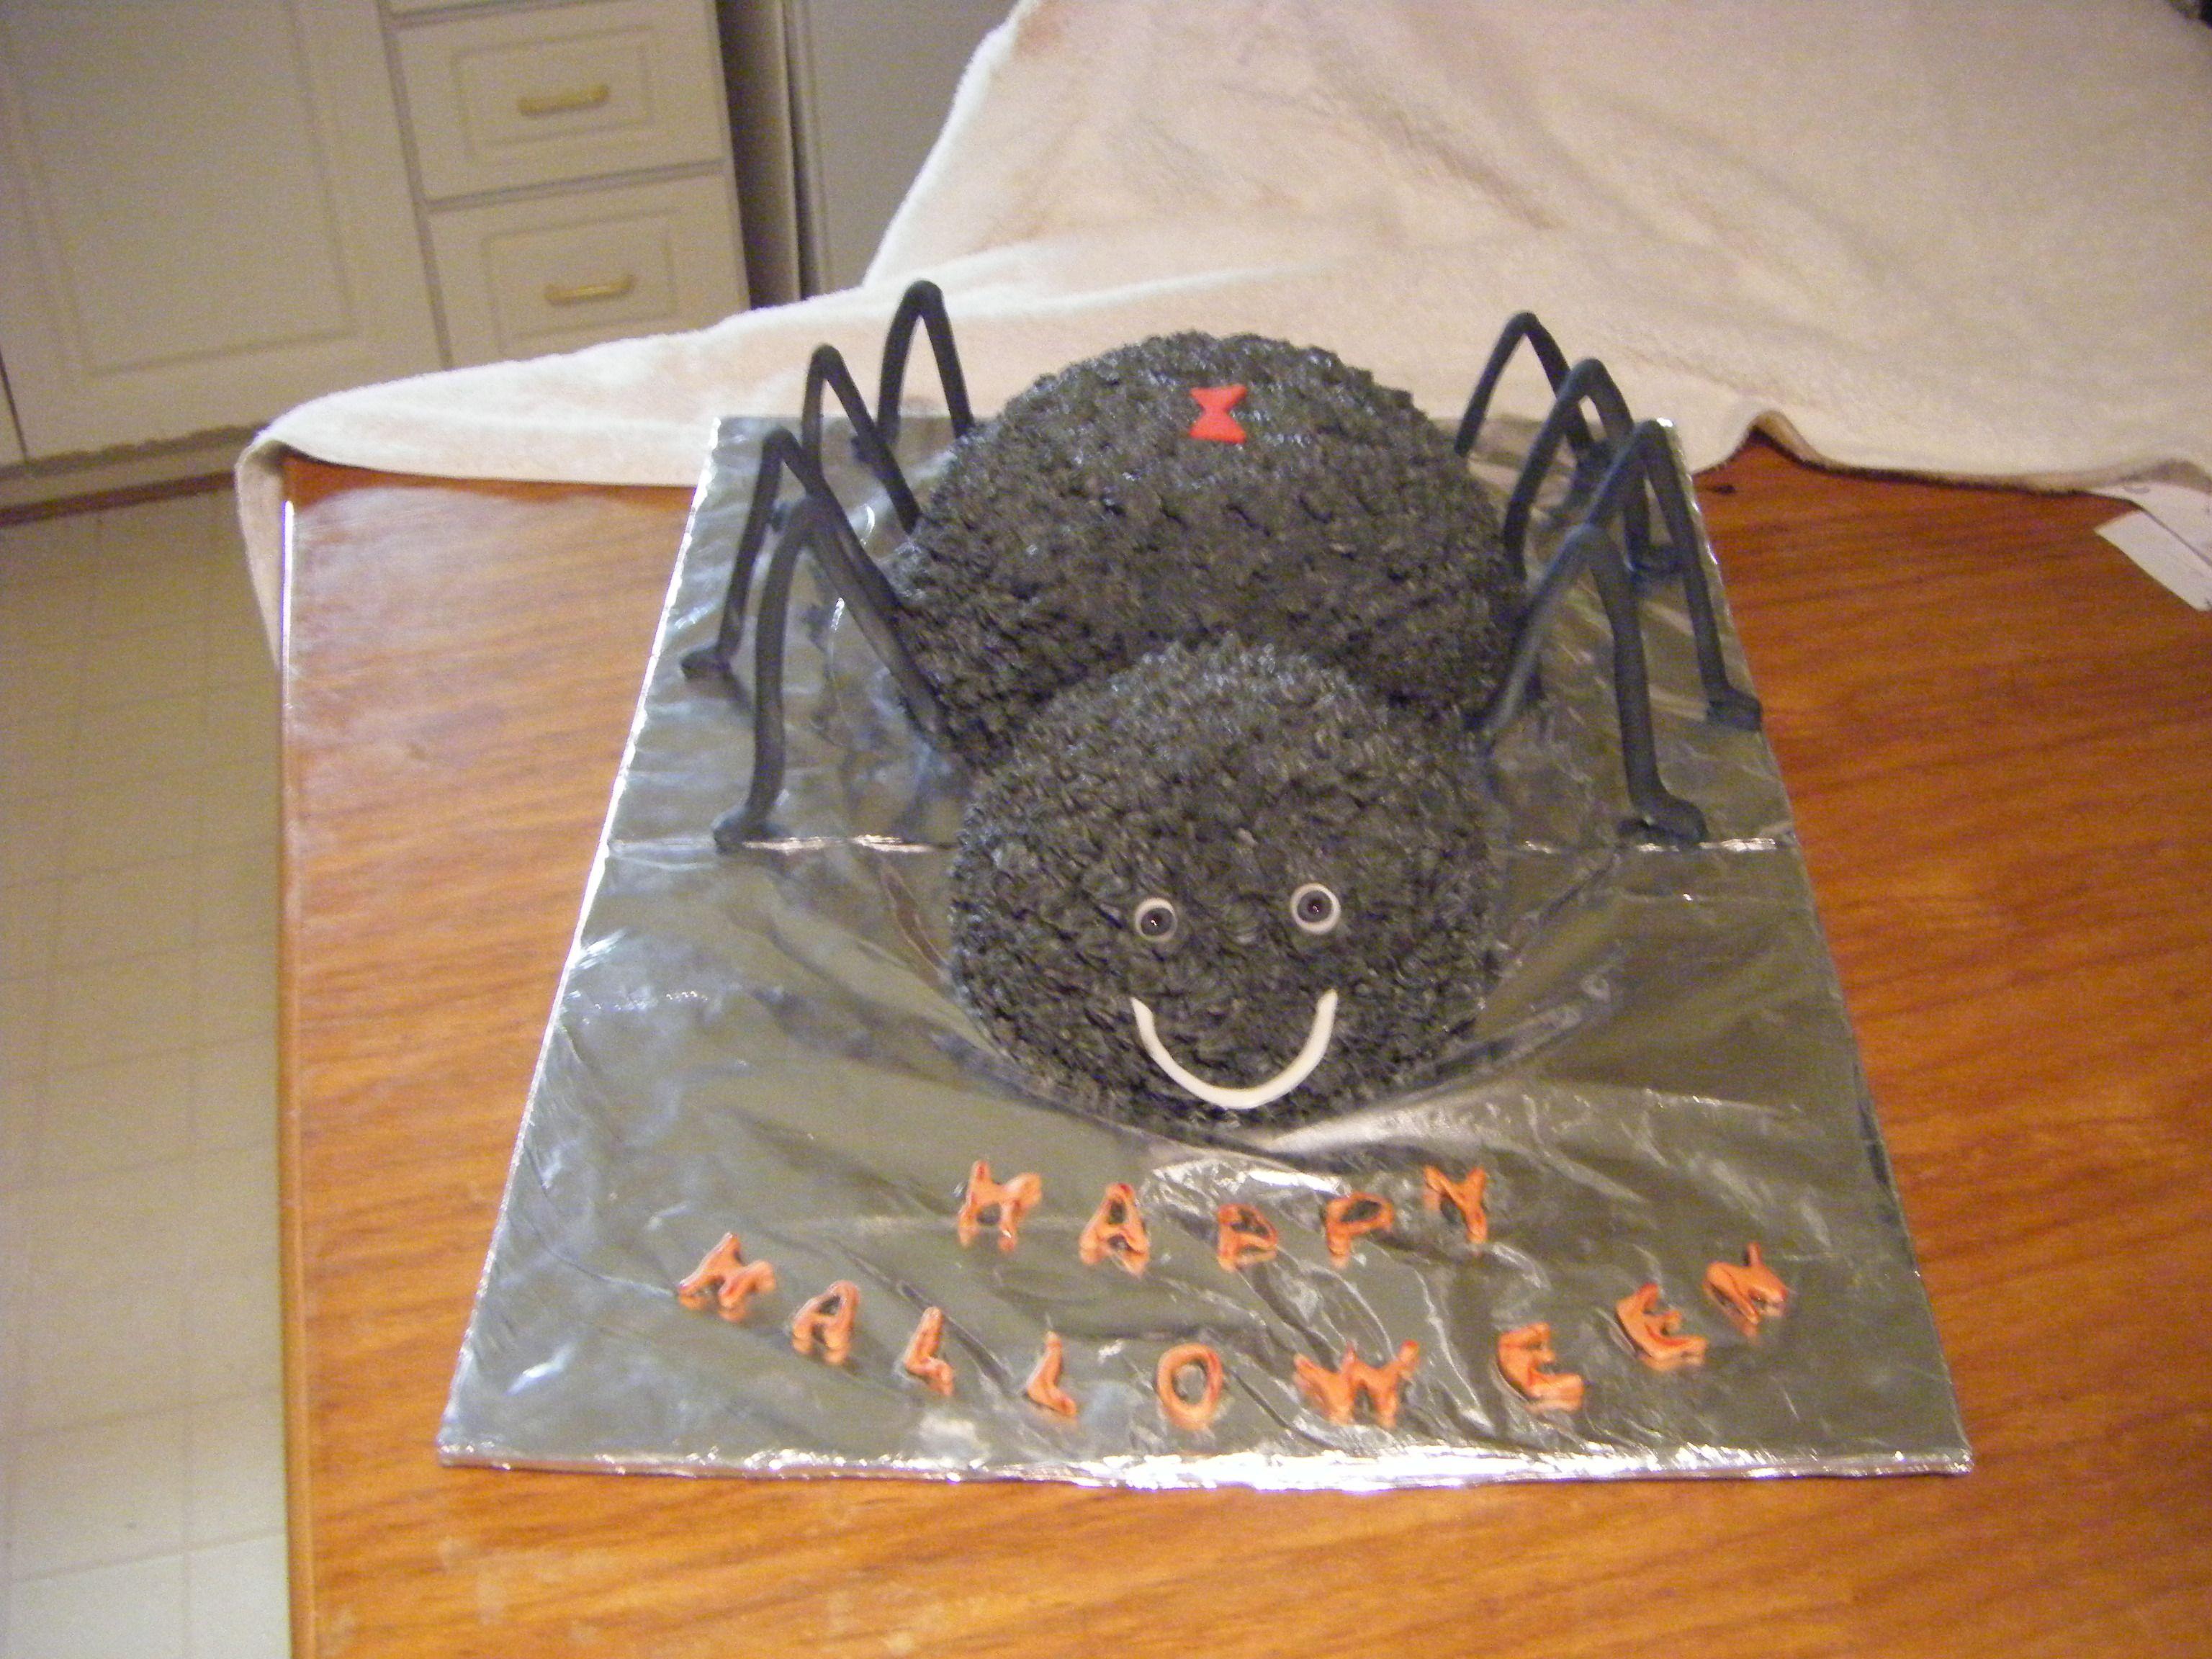 Halloween spider cake decoration